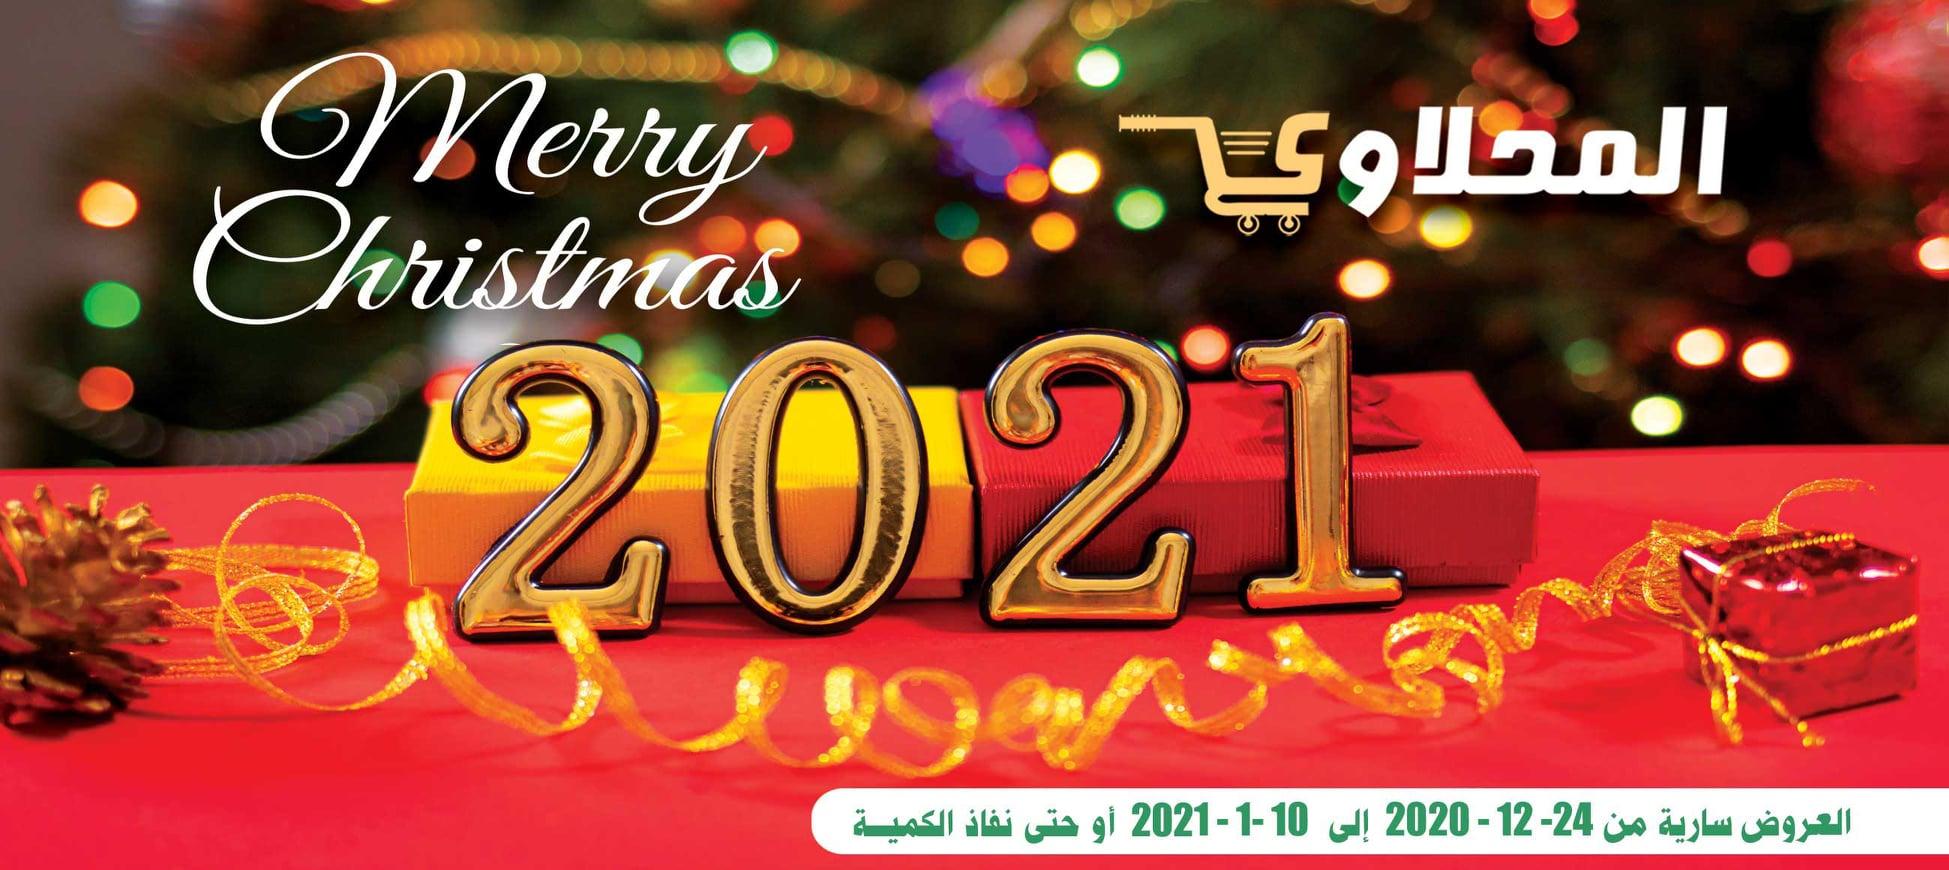 عروض المحلاوى من 24 ديسمبر 2020 حتى 10 يناير 2021 عروض الكريسماس